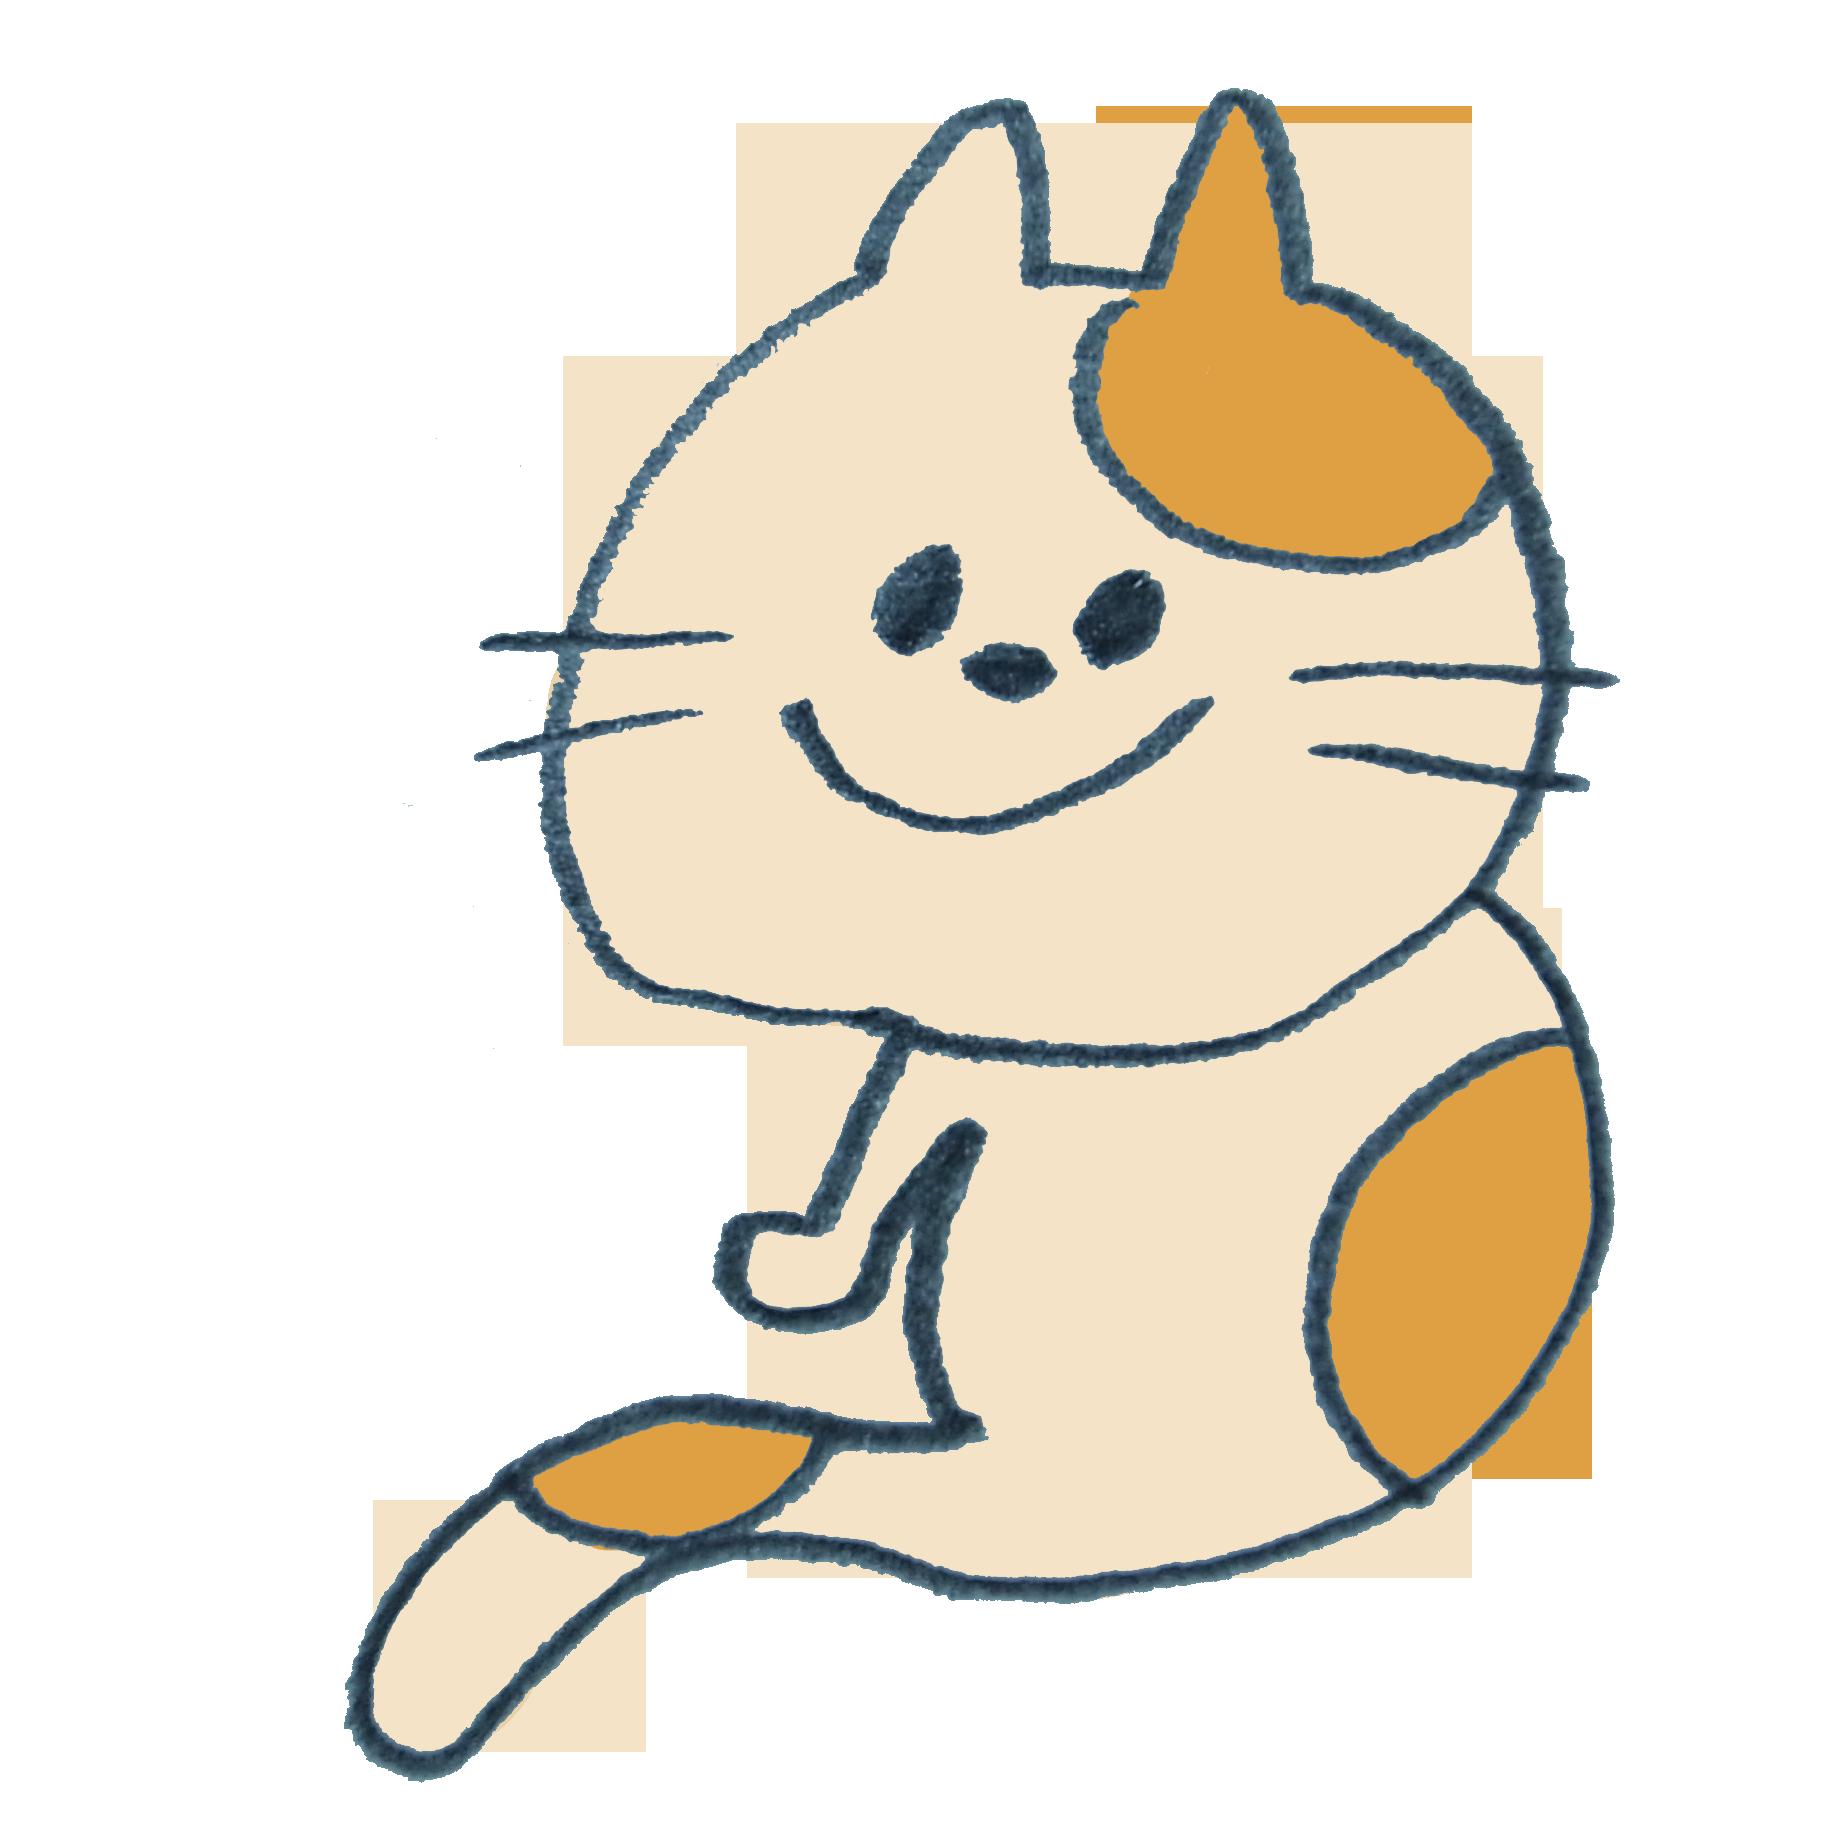 タマと名付けたくなる猫